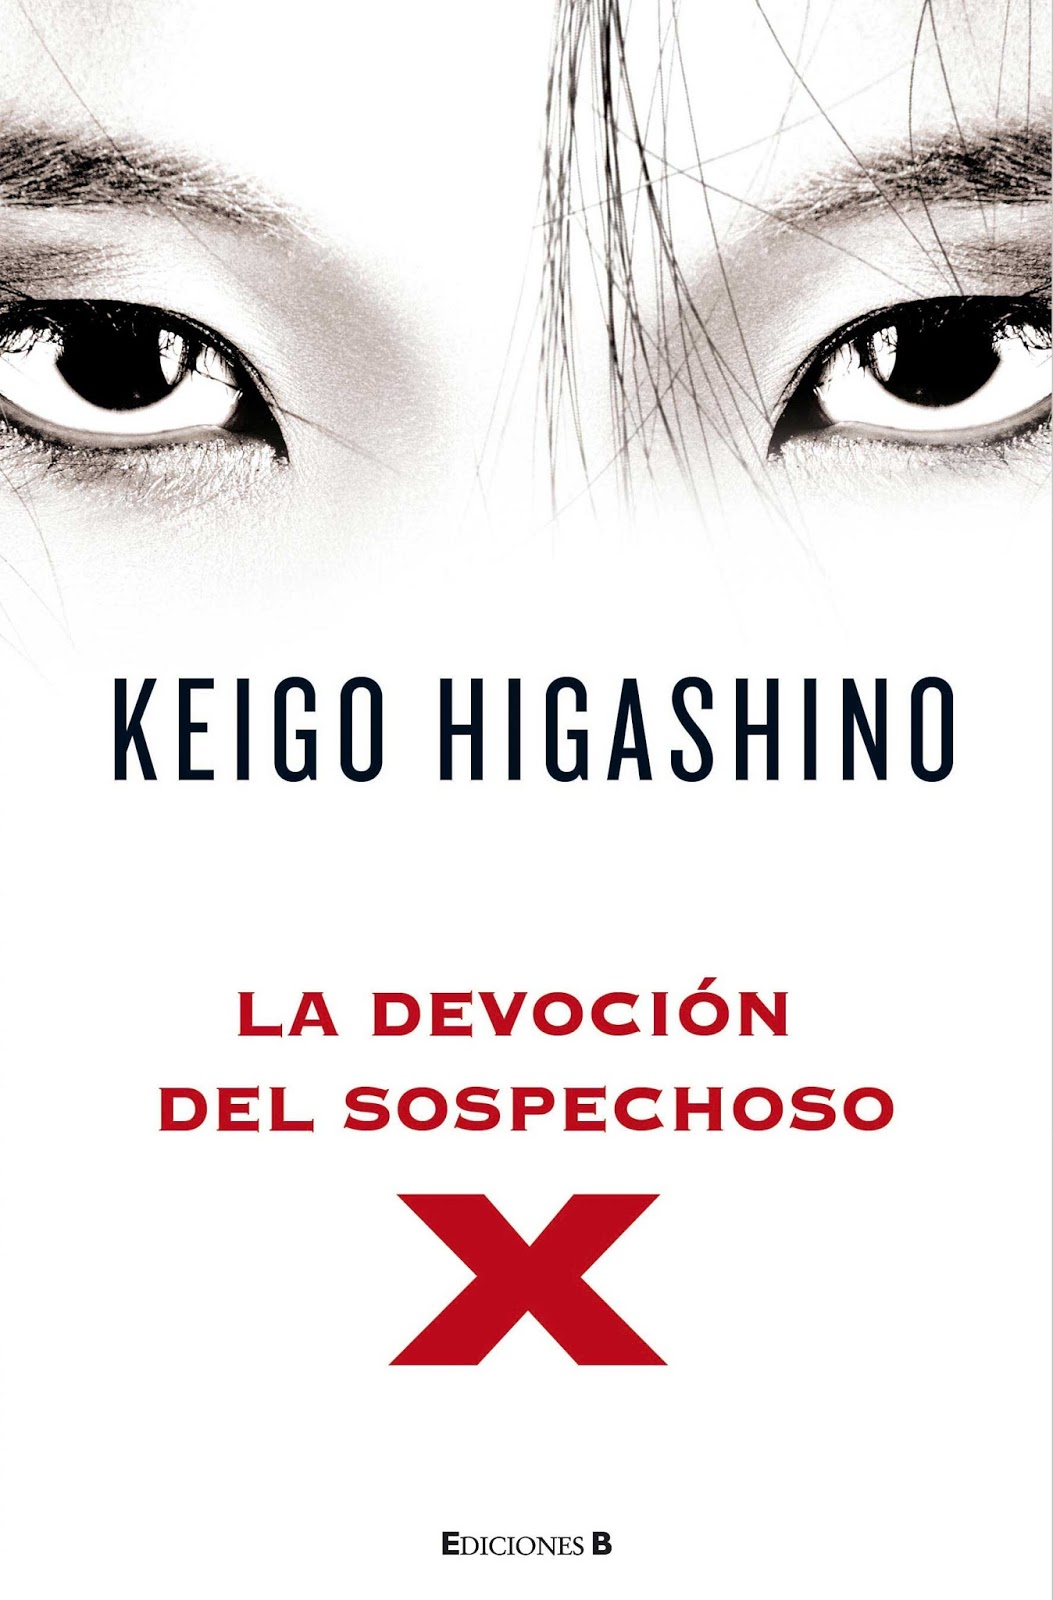 Reseña: La Devoción del Sosprechoso X - Keigo Higashino